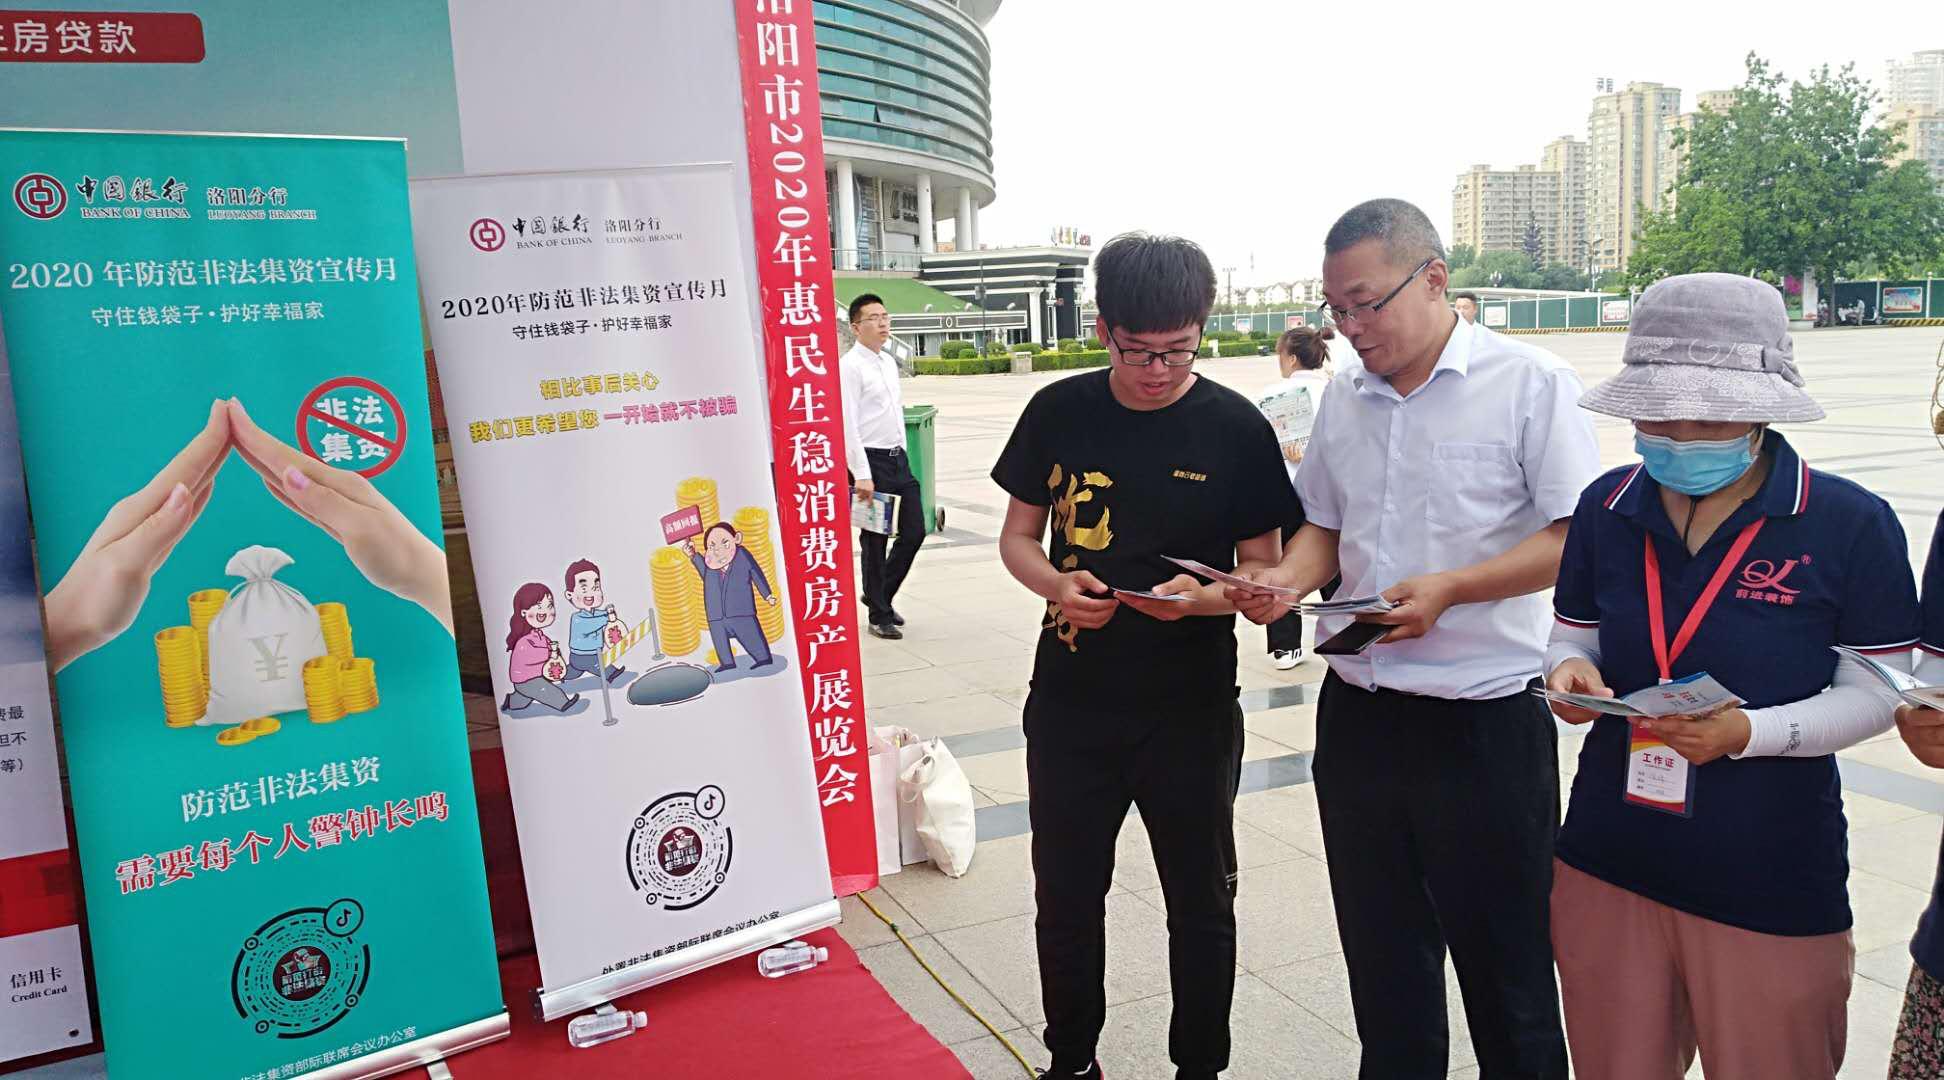 中行洛阳分行开展防电信诈骗宣传活动